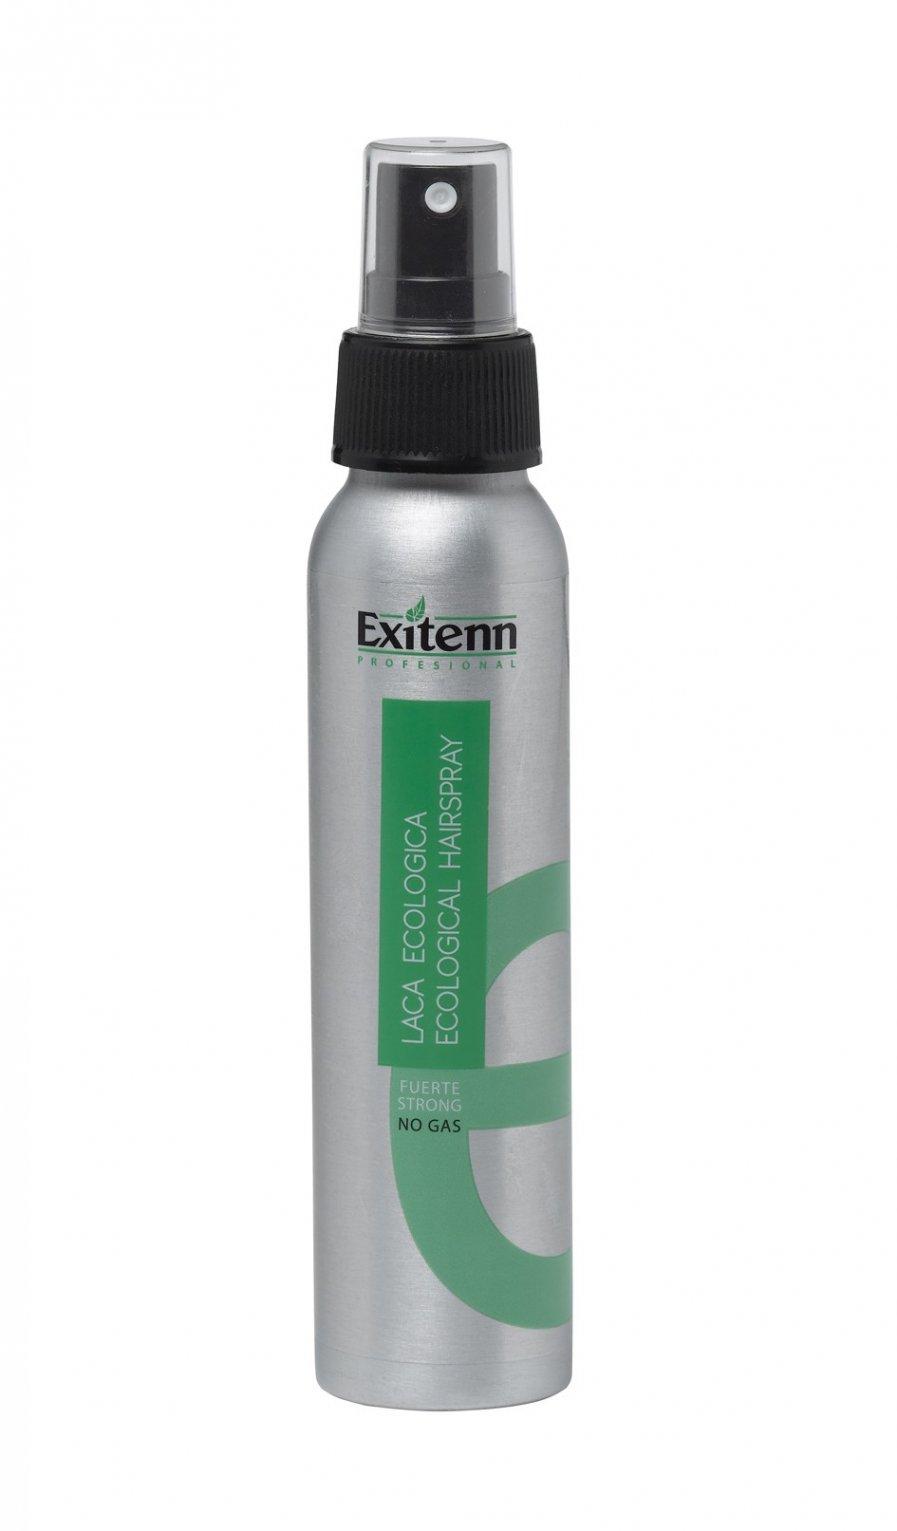 laca ecológica exitenn 100 ml.